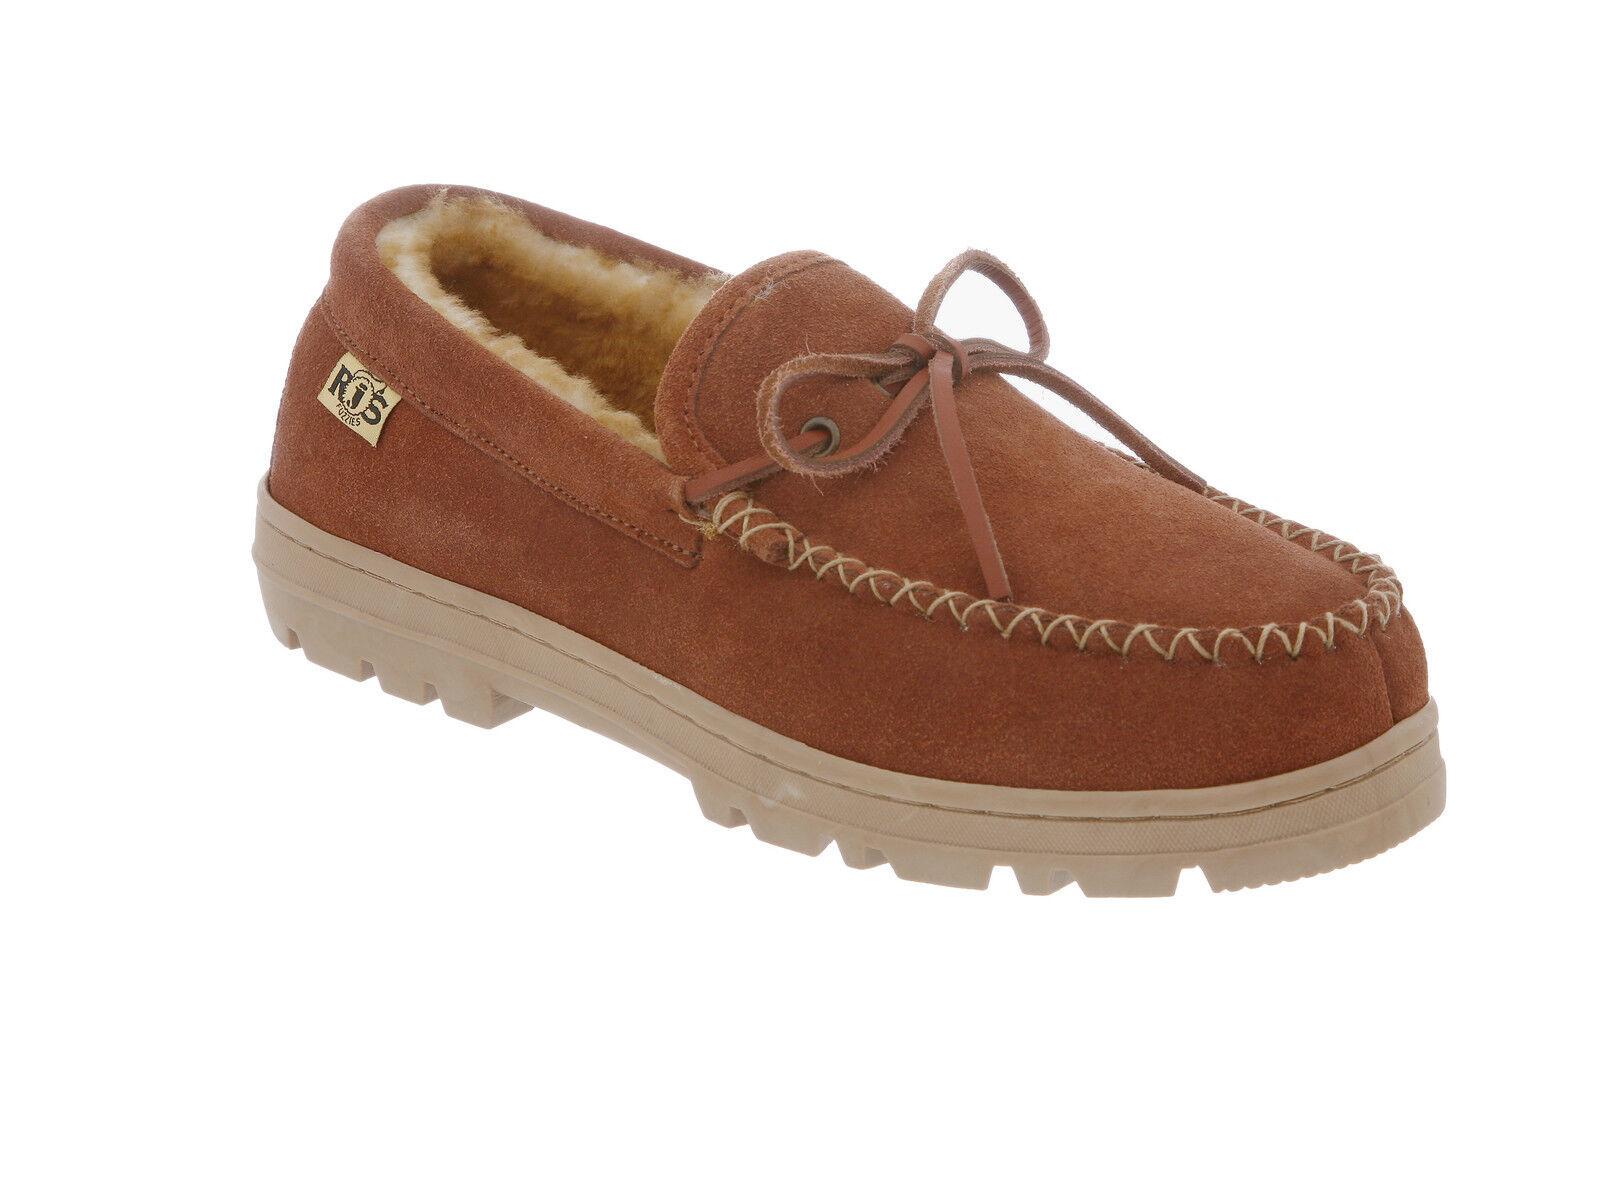 Rj'S Sheepskin Uomo Loafer Trekker Moc Loafer Uomo Slip-on  Chestnut Medium (D, M) 9d3a97